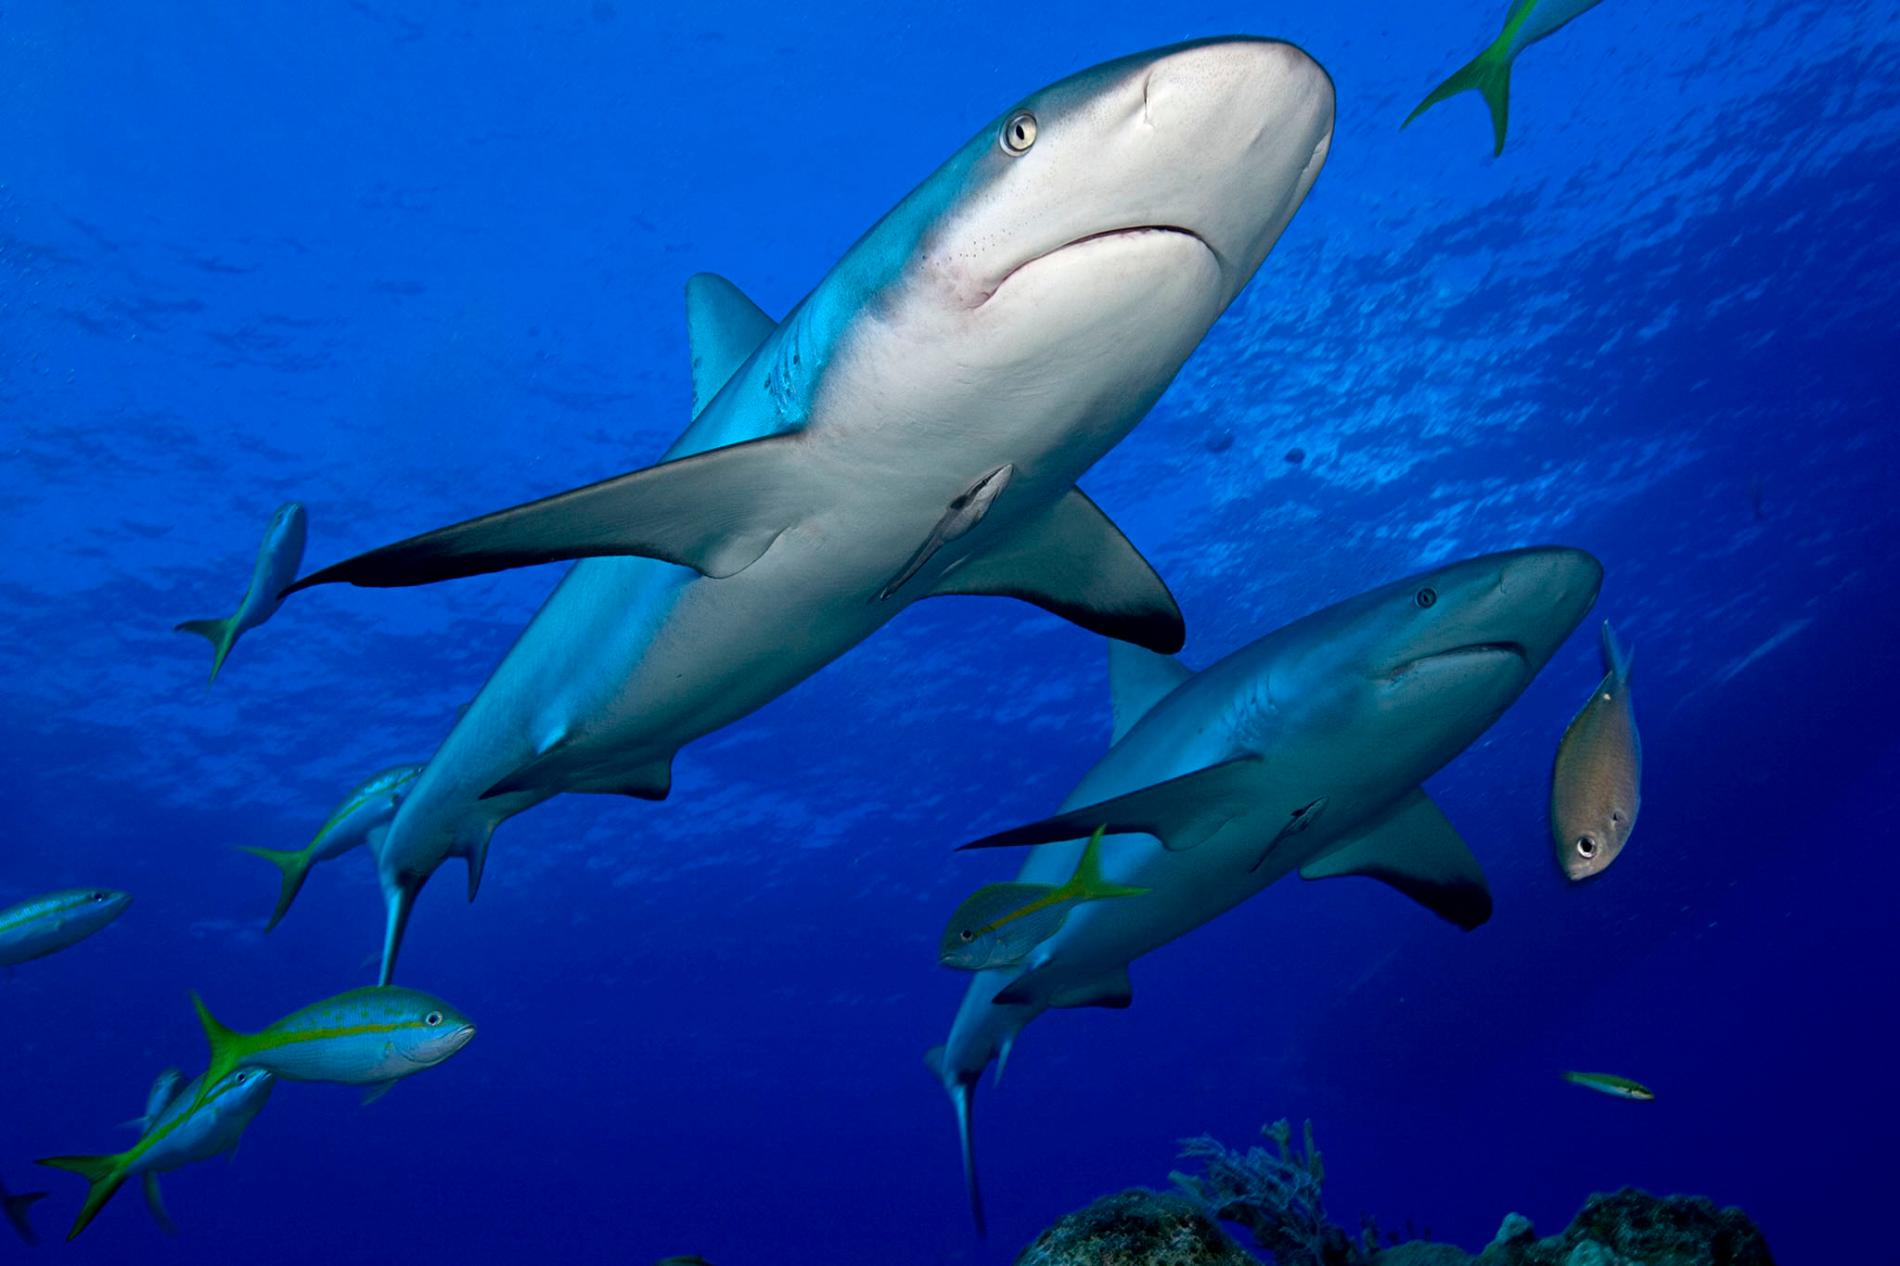 Καρχαρίες υπό απειλή για το εμβόλιο του κορονοϊού